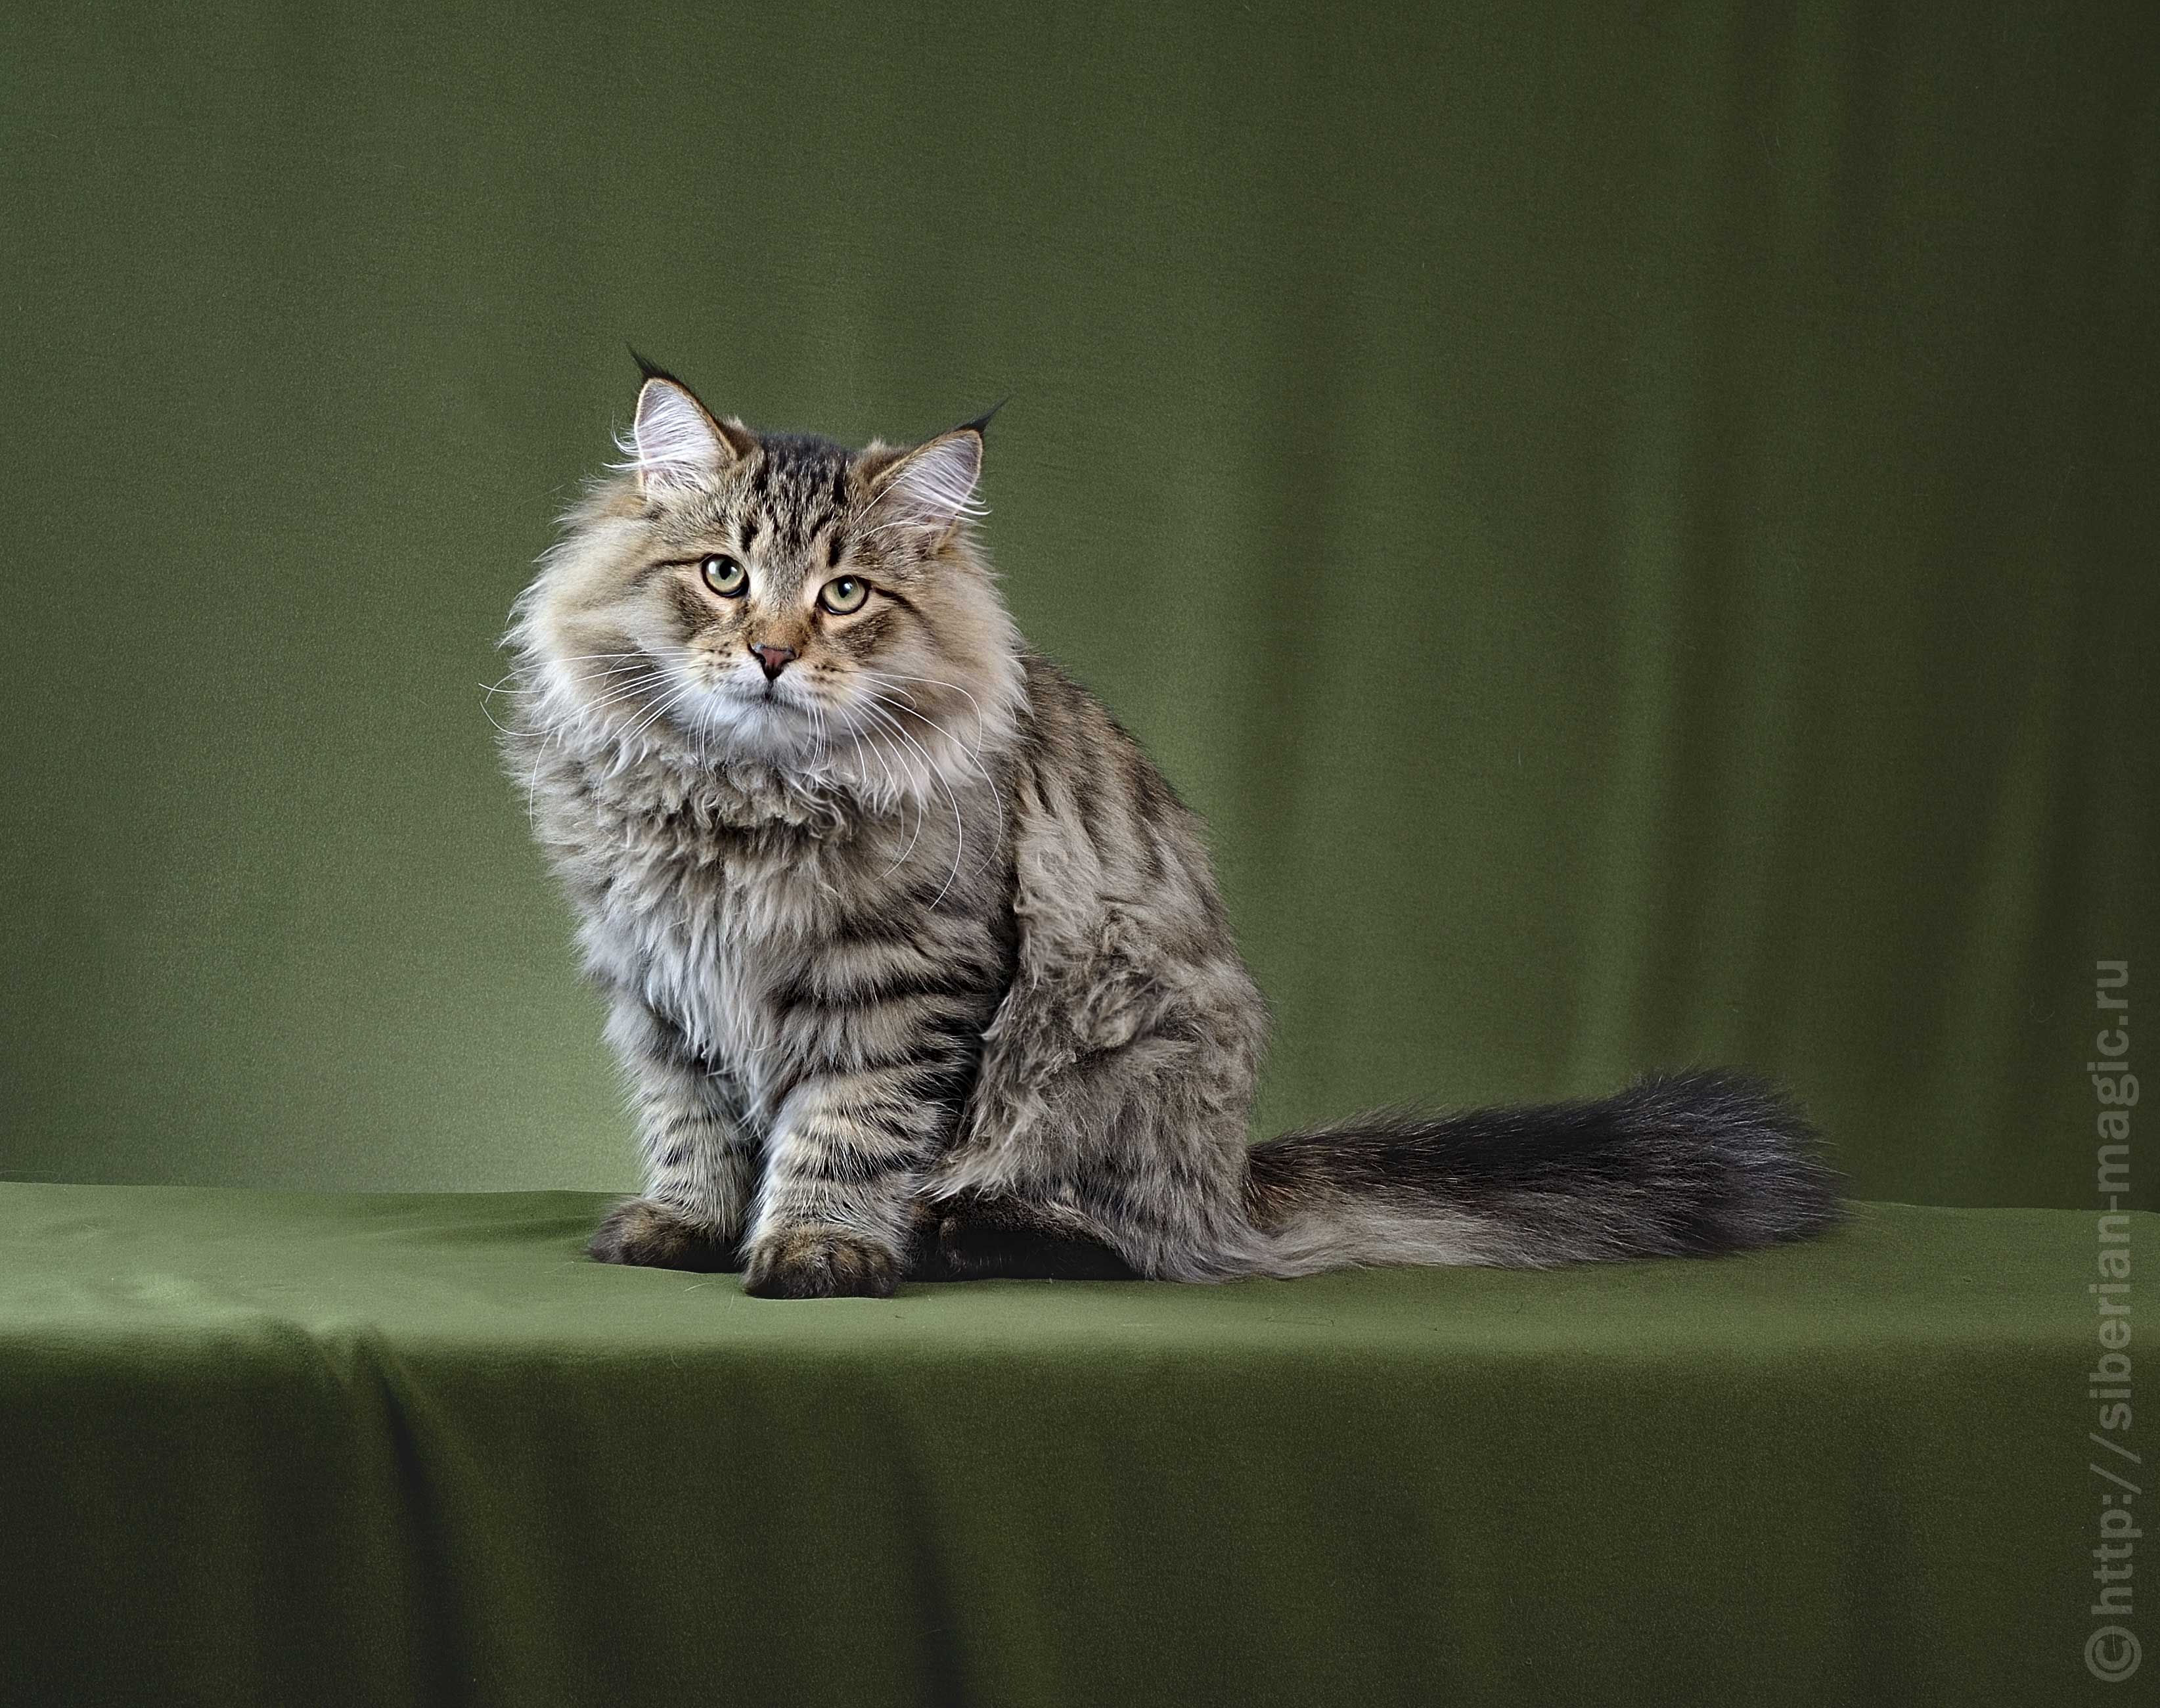 Сибирская кошка отличается покладистым характером и повадками охотника